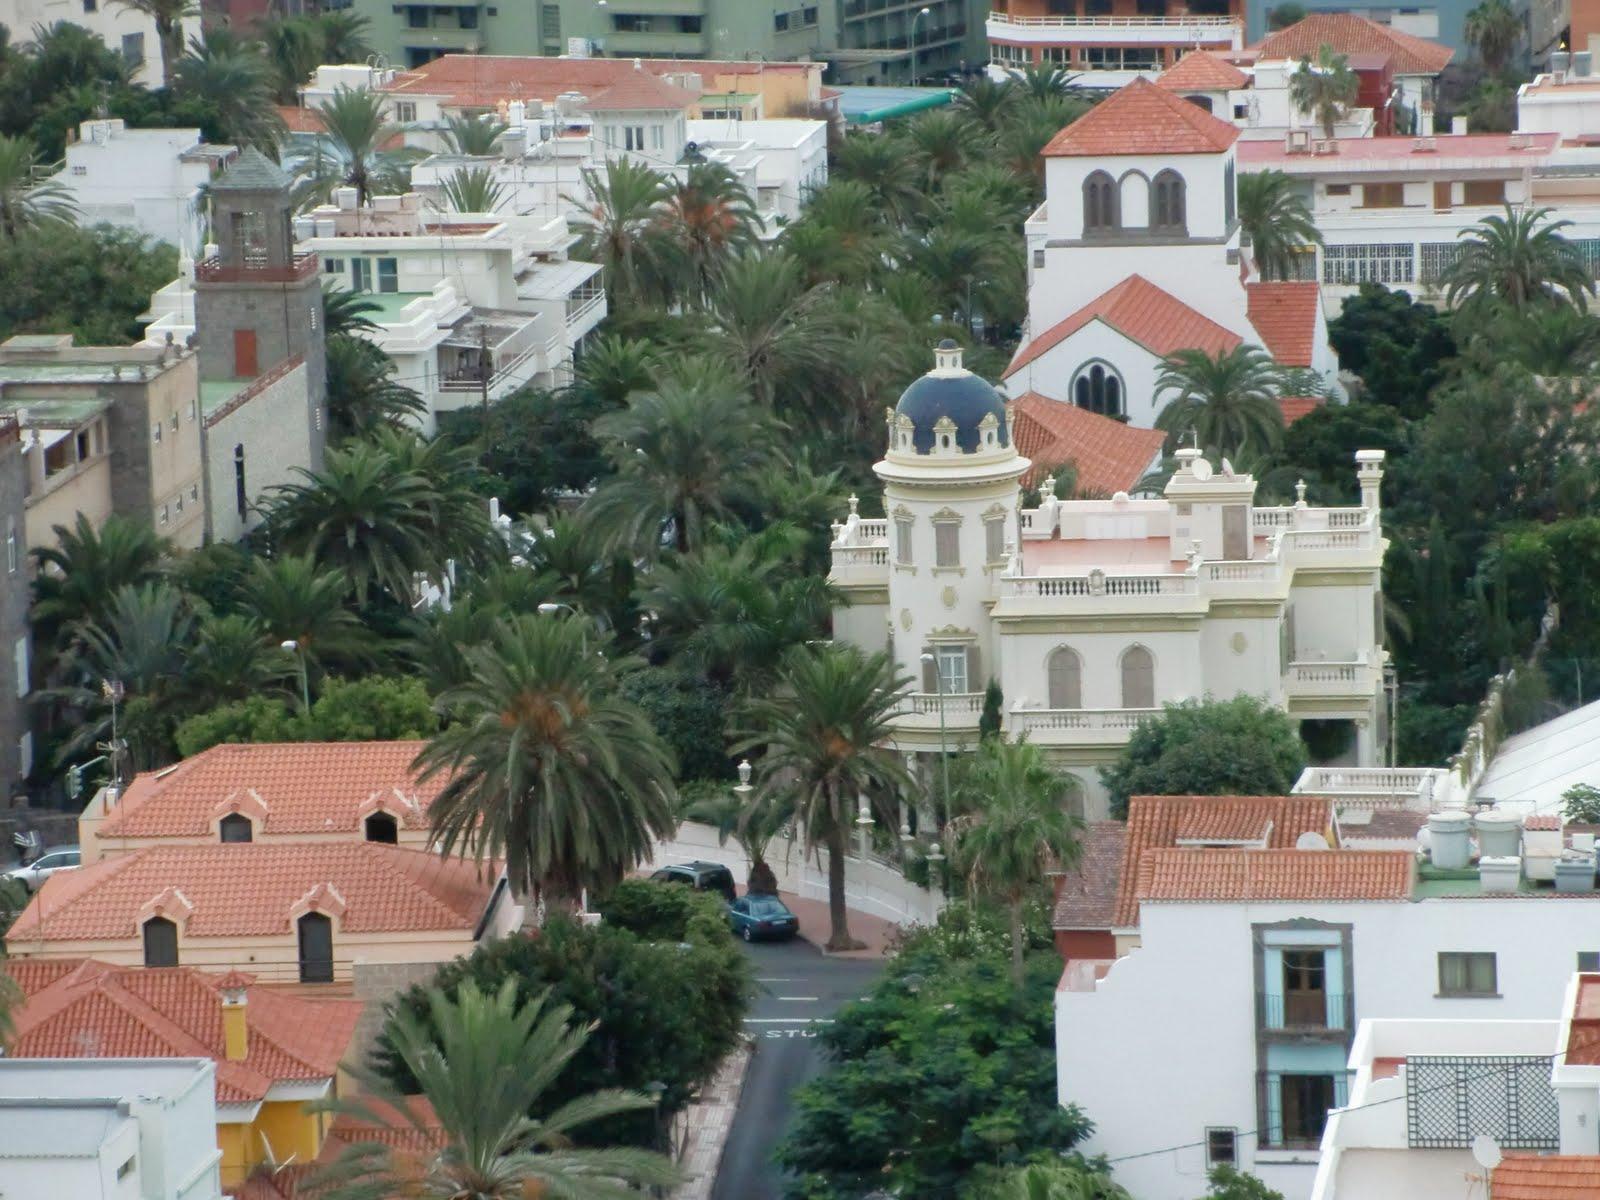 Canary islands photography mansion en ciudad jardin en for Casas en ciudad jardin las palmas